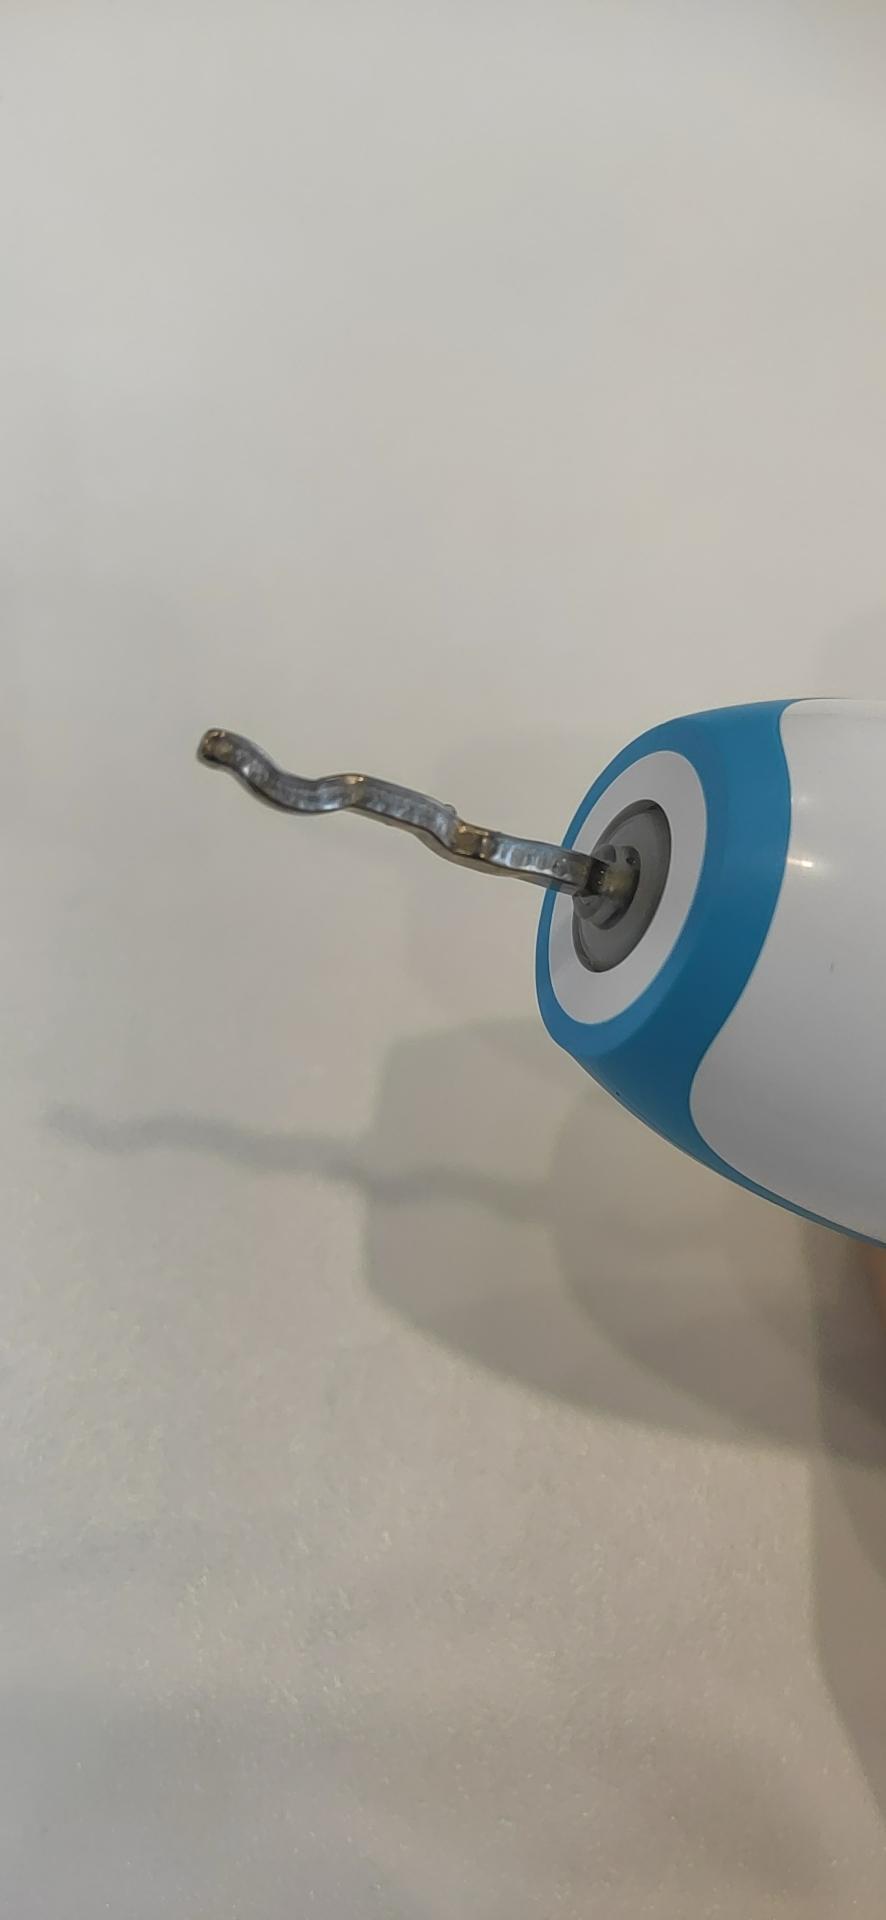 飞利浦hx3216电动牙刷